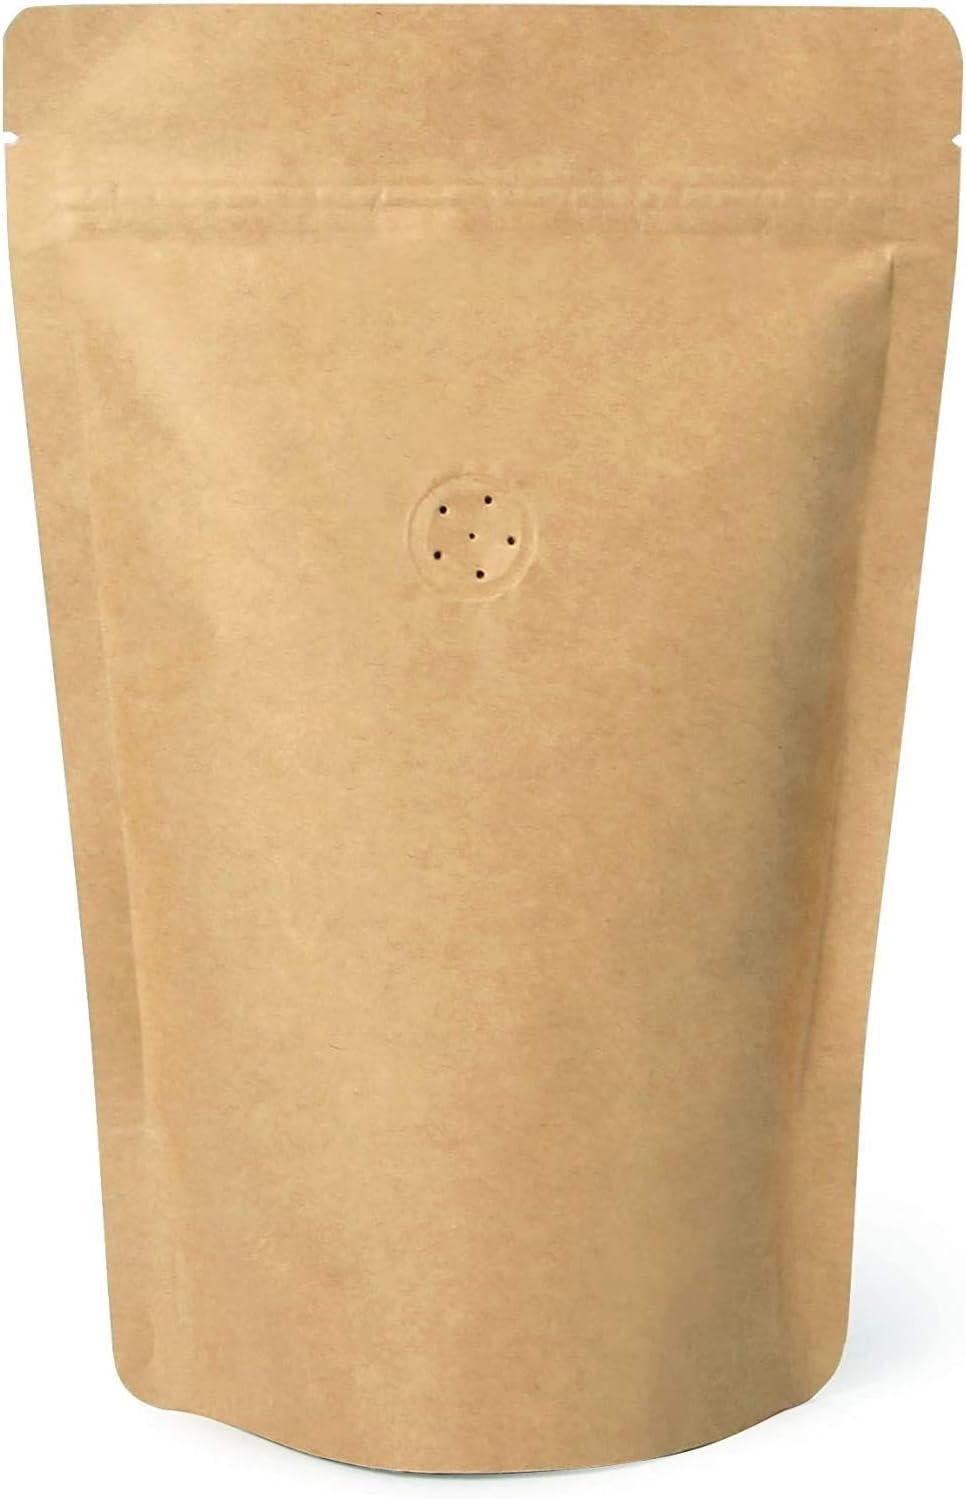 High Barrier Natural Kraft Paper Stand Coffee Pouch 新色 美品 Zipper Ba up